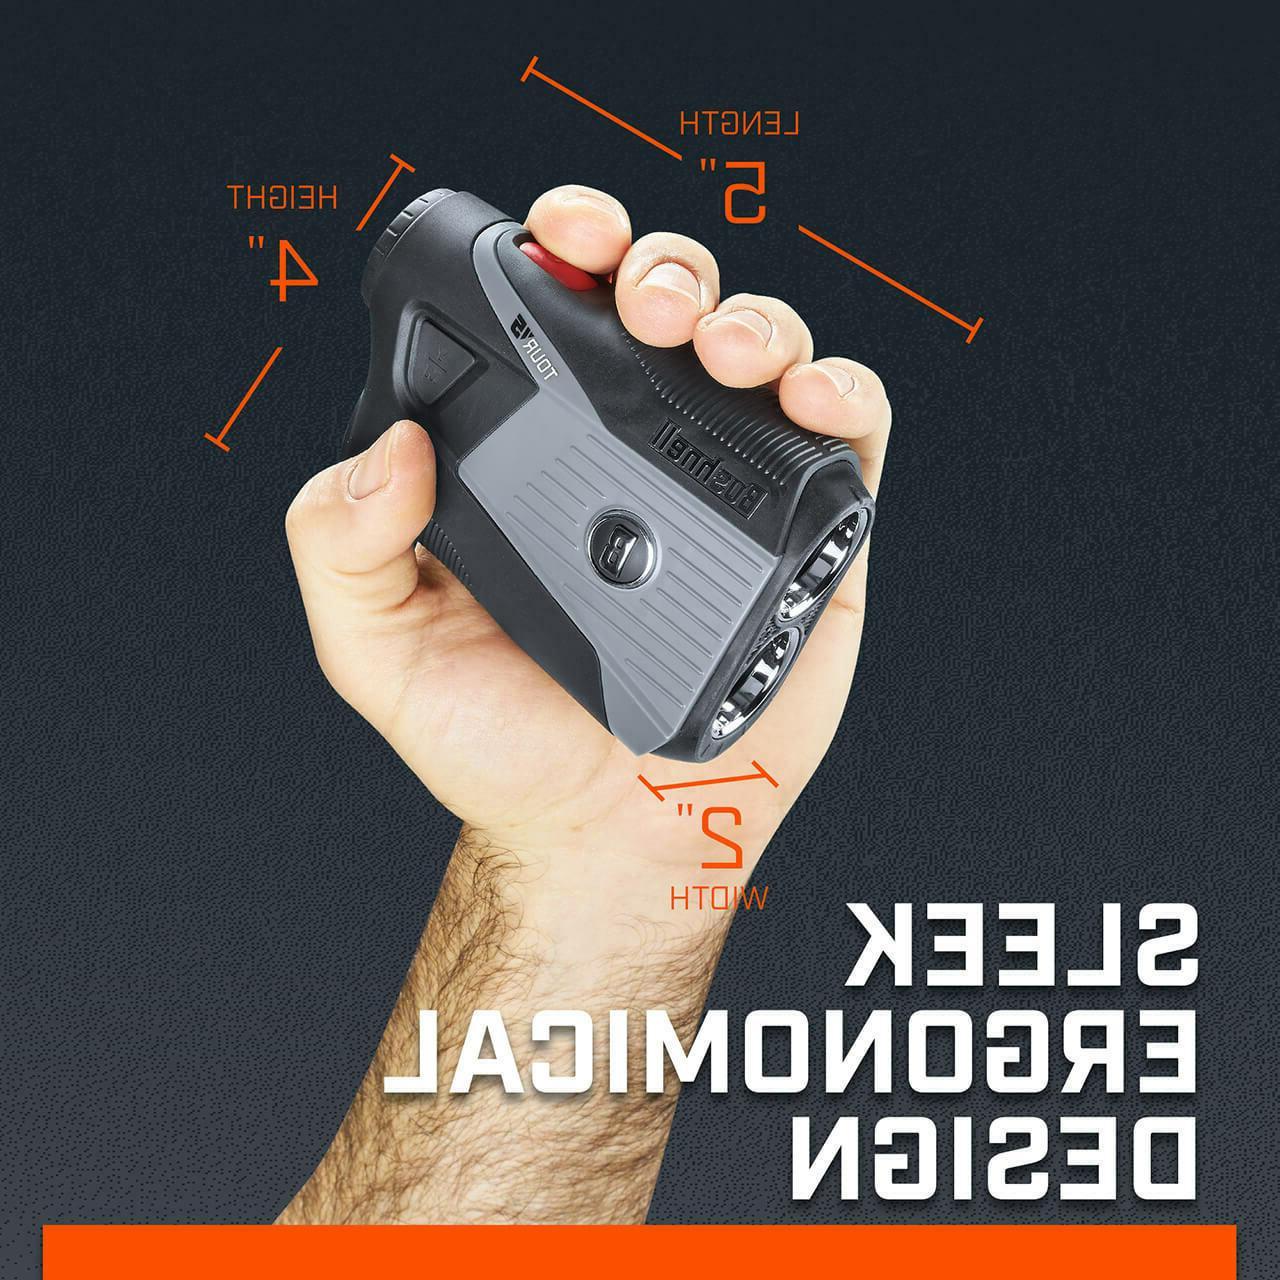 Bushnell Tour Patriot Pack Laser Rangefinder and Bundle